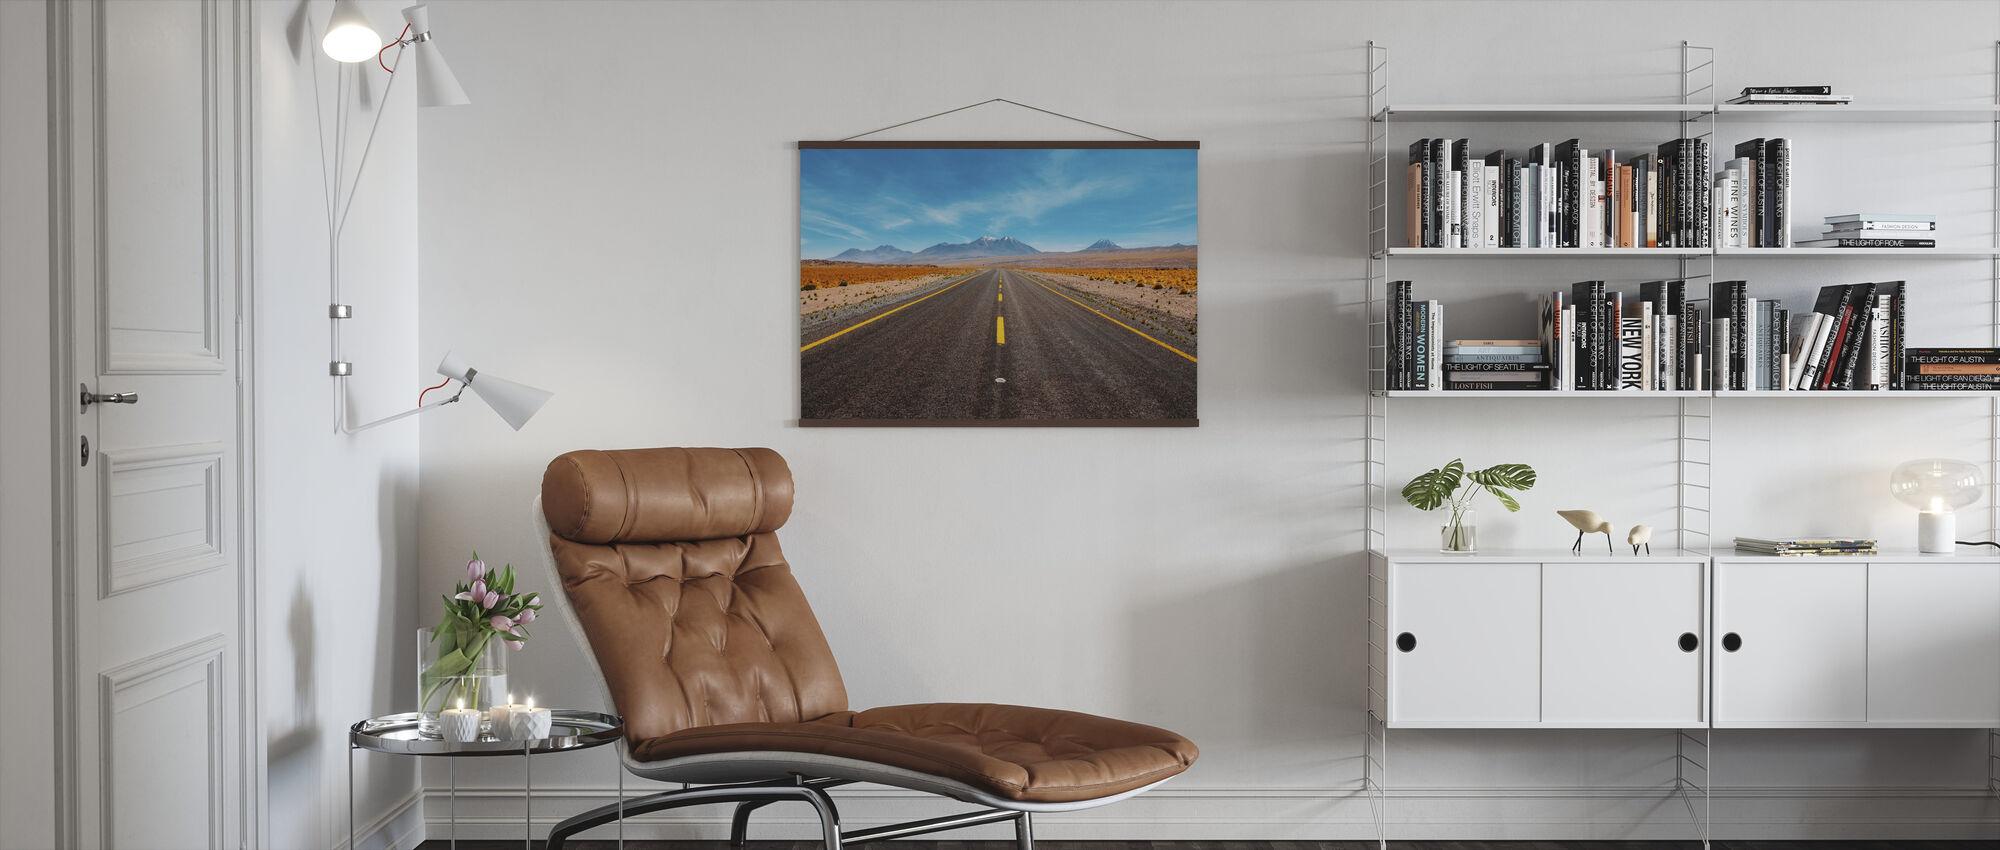 Desert Highway - Plakat - Stue